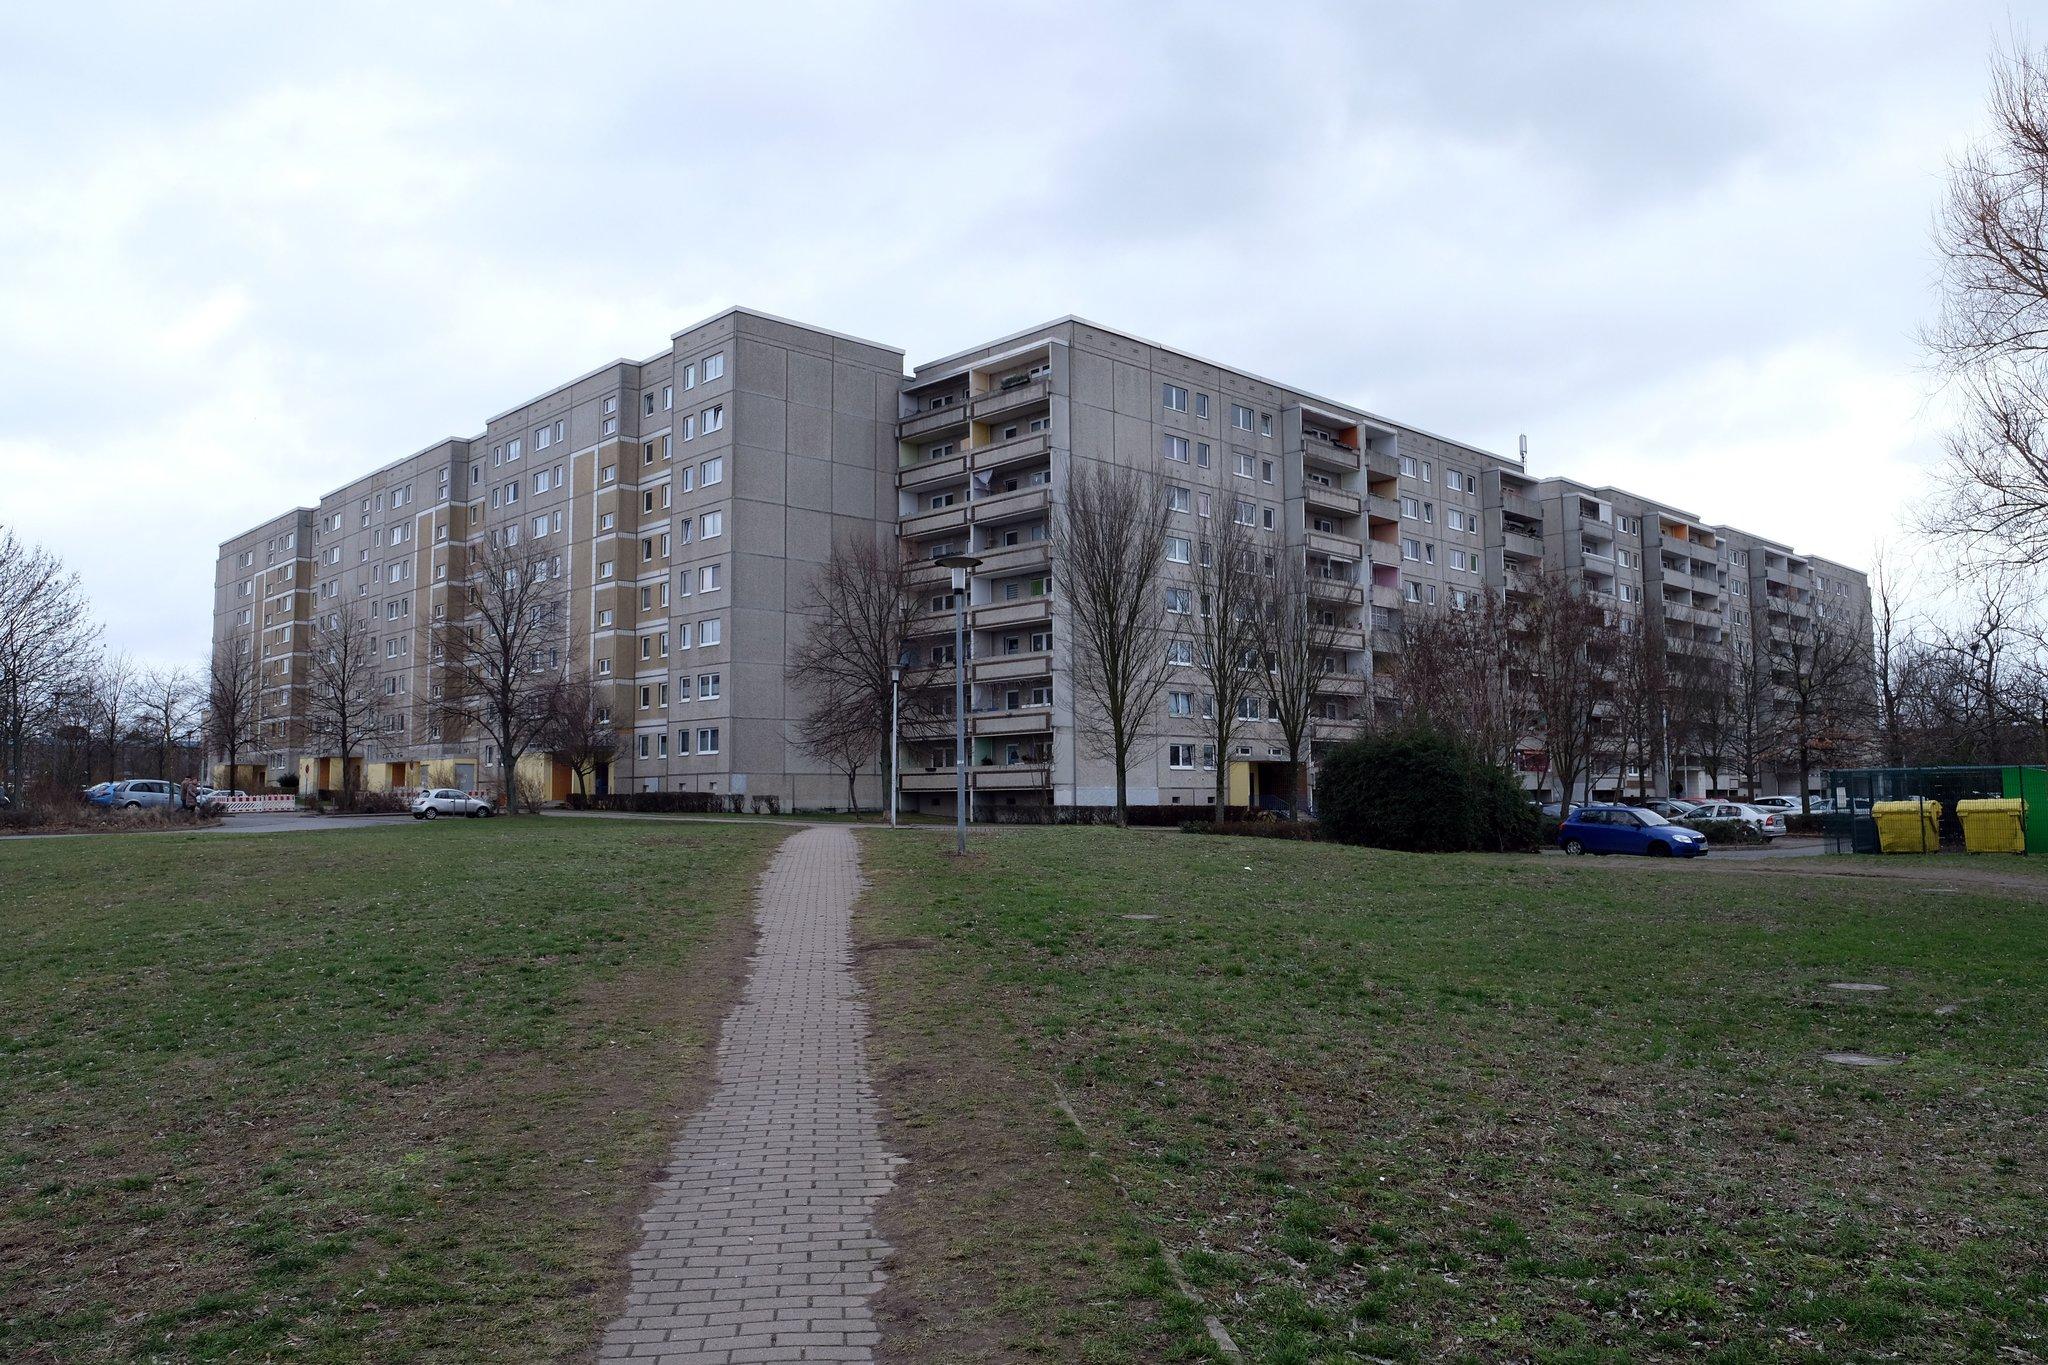 das kosmosviertel geh rt wieder berlin kommunales wohnungsunternehmen stadt und land kauft mehr. Black Bedroom Furniture Sets. Home Design Ideas